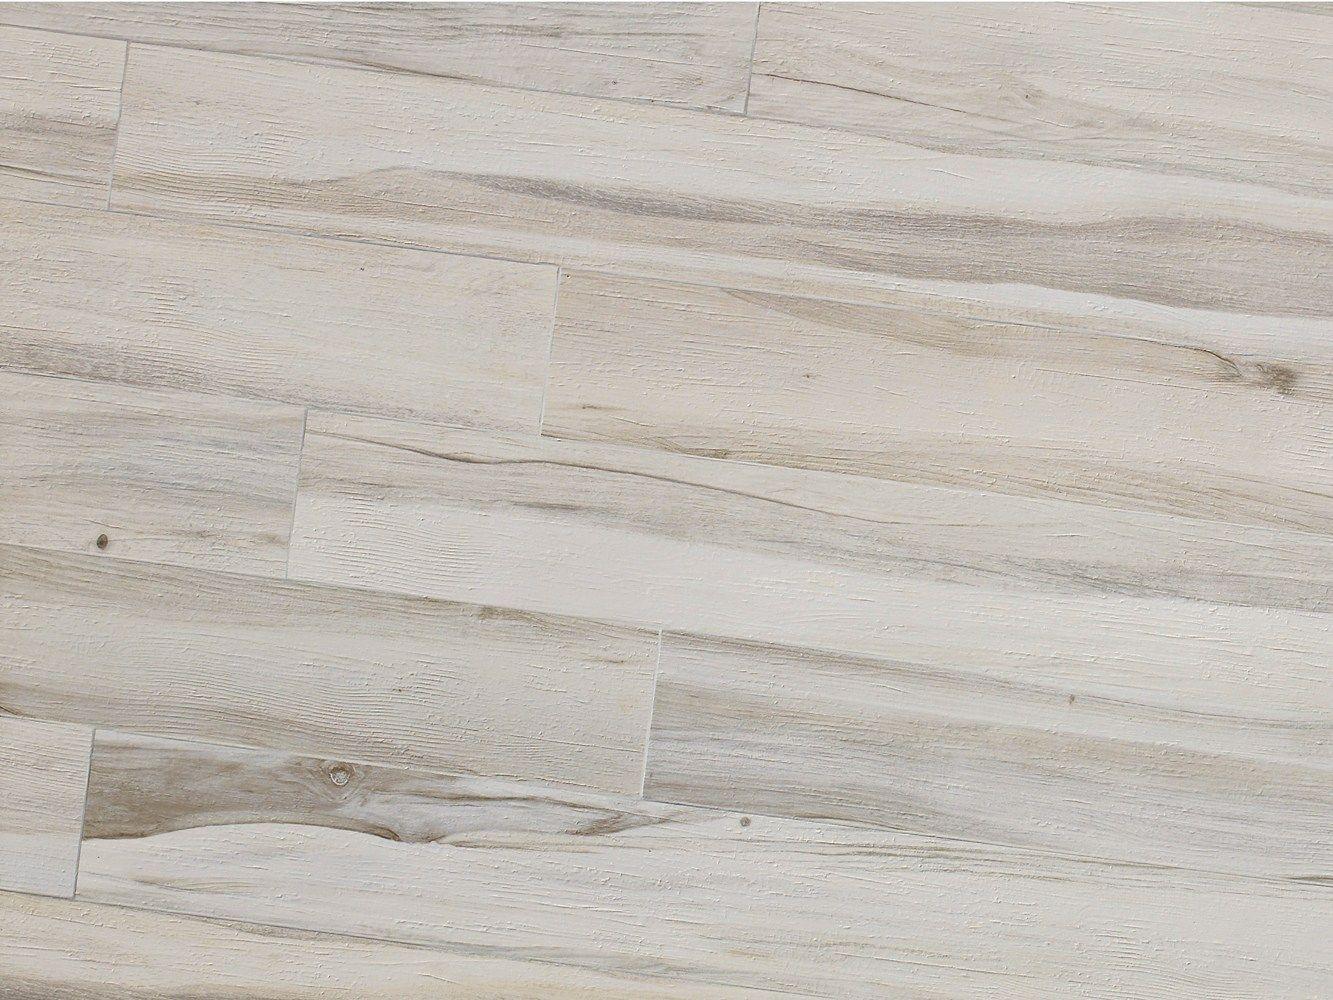 Pavimento legno bianco xh45 regardsdefemmes for Opinioni gres porcellanato effetto legno